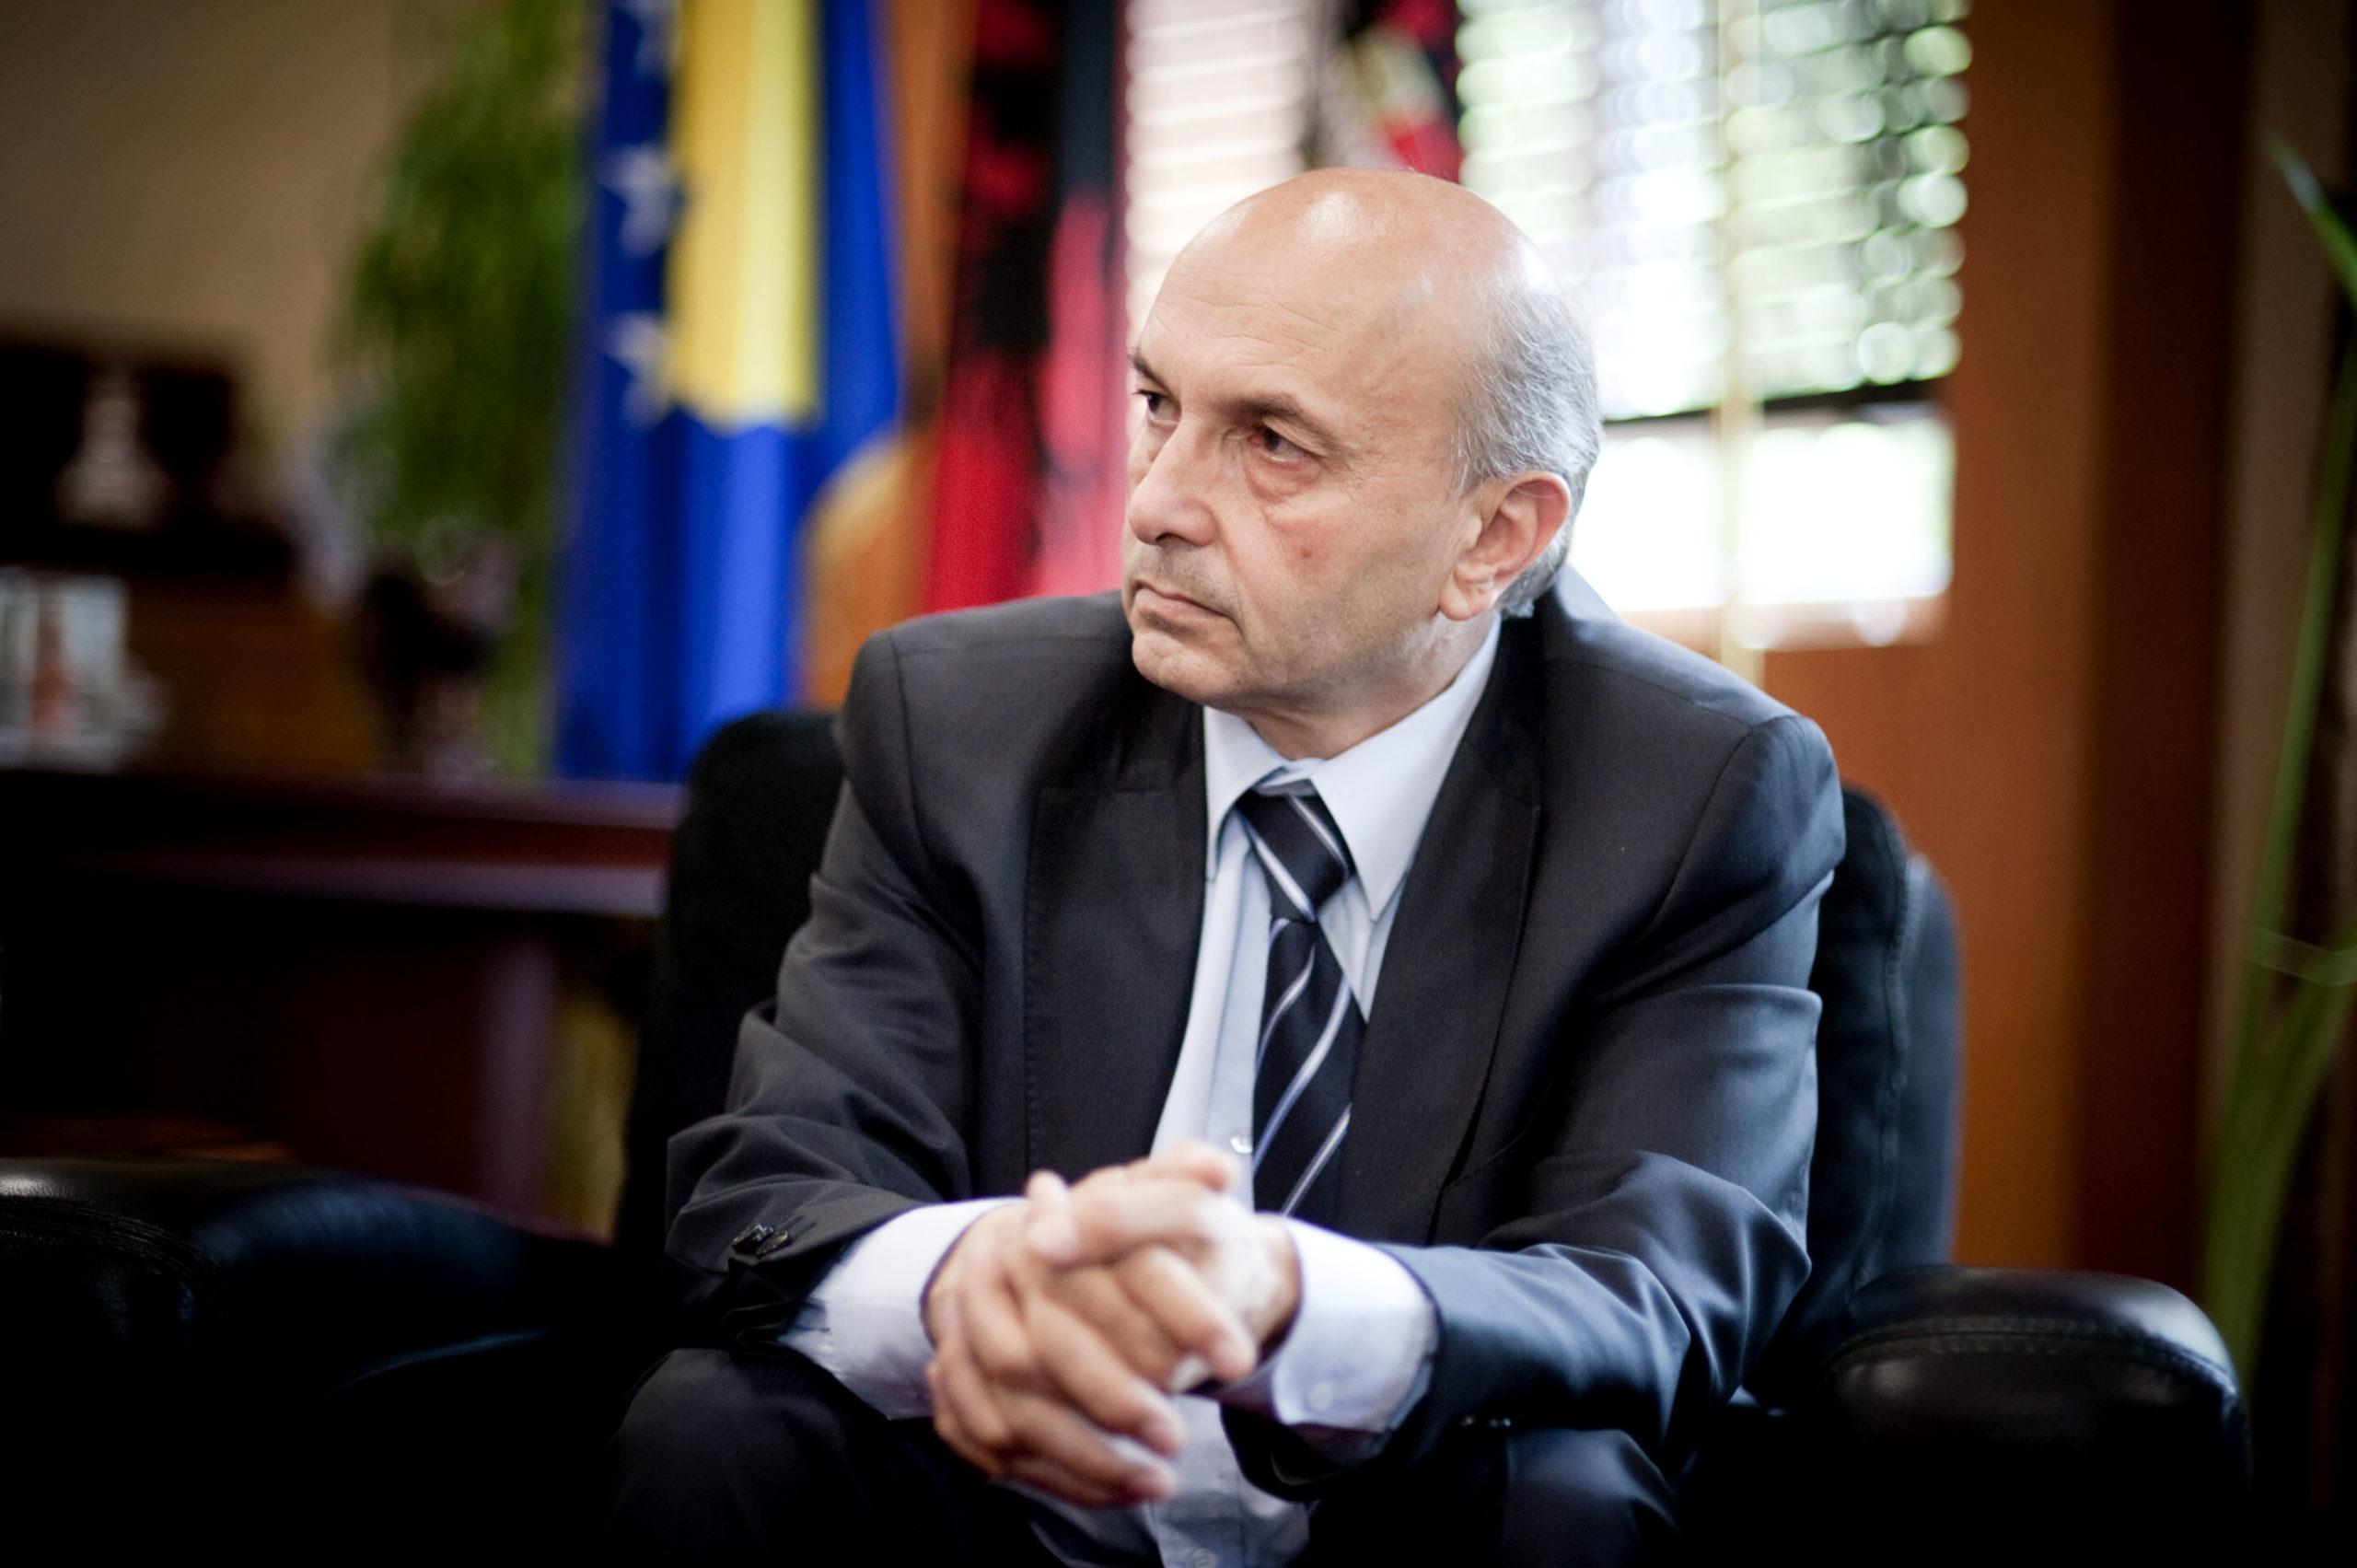 Isa Mustafa flet pas dorëheqjes: Rezultati ishte i keq, nuk e prisnim